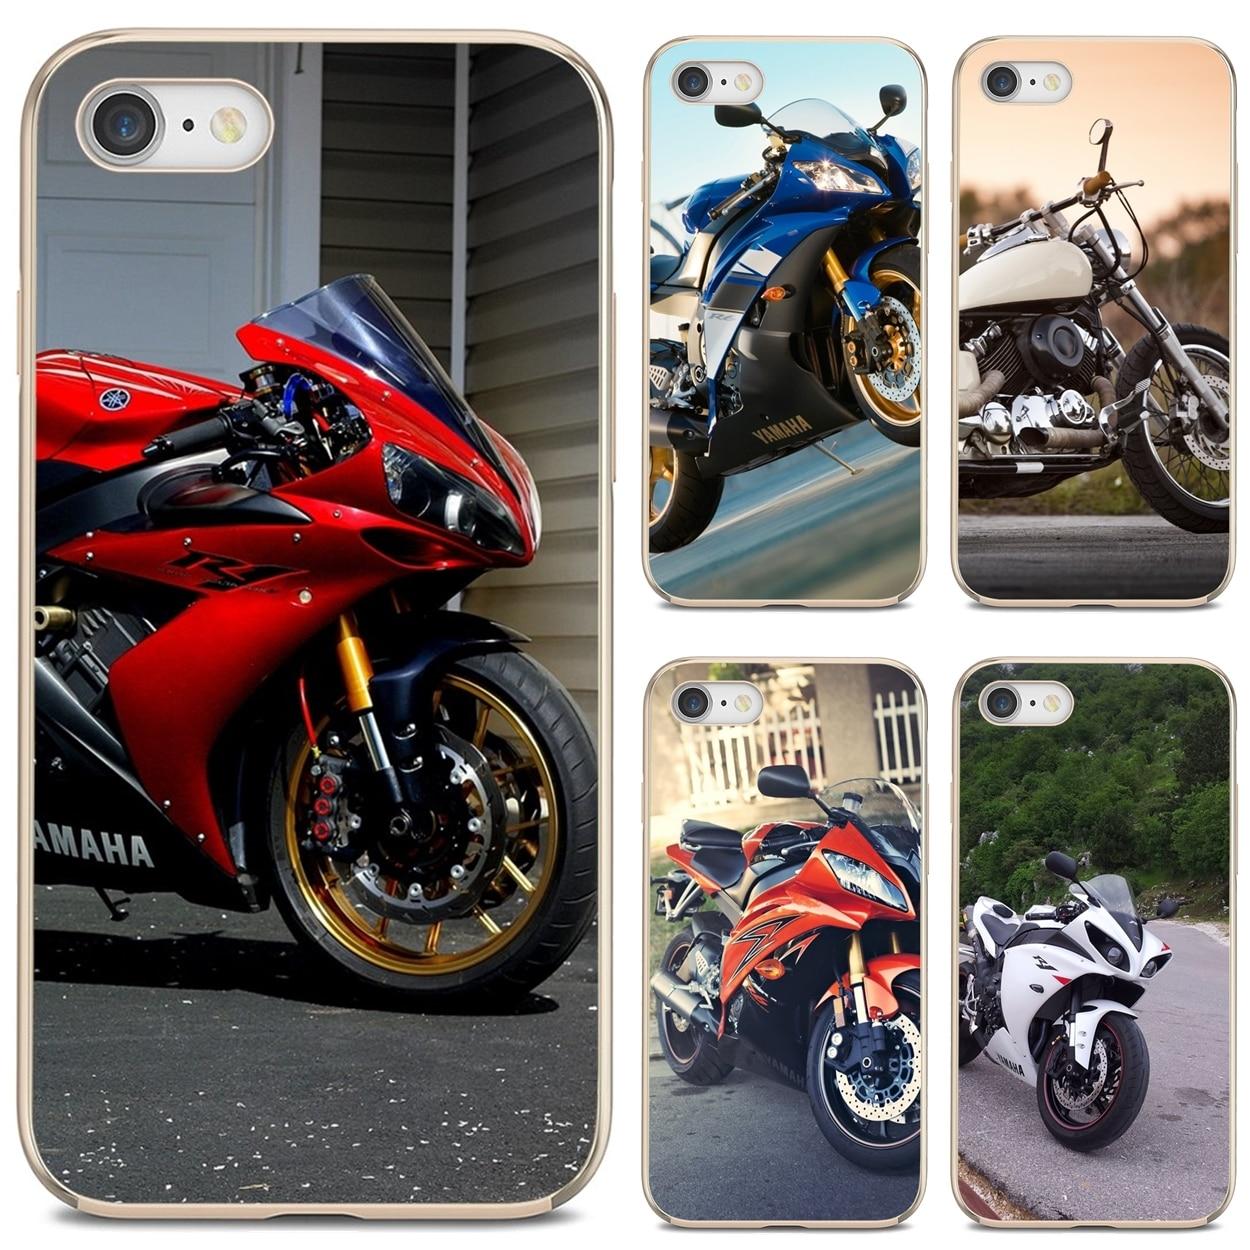 Soft TPU Phone Case Yamaha For Xiaomi Redmi 2 S2 3 3S 4 4A 5 5A 5 6 6A 7A 9 9T 9C 9A Pro Pocophone F